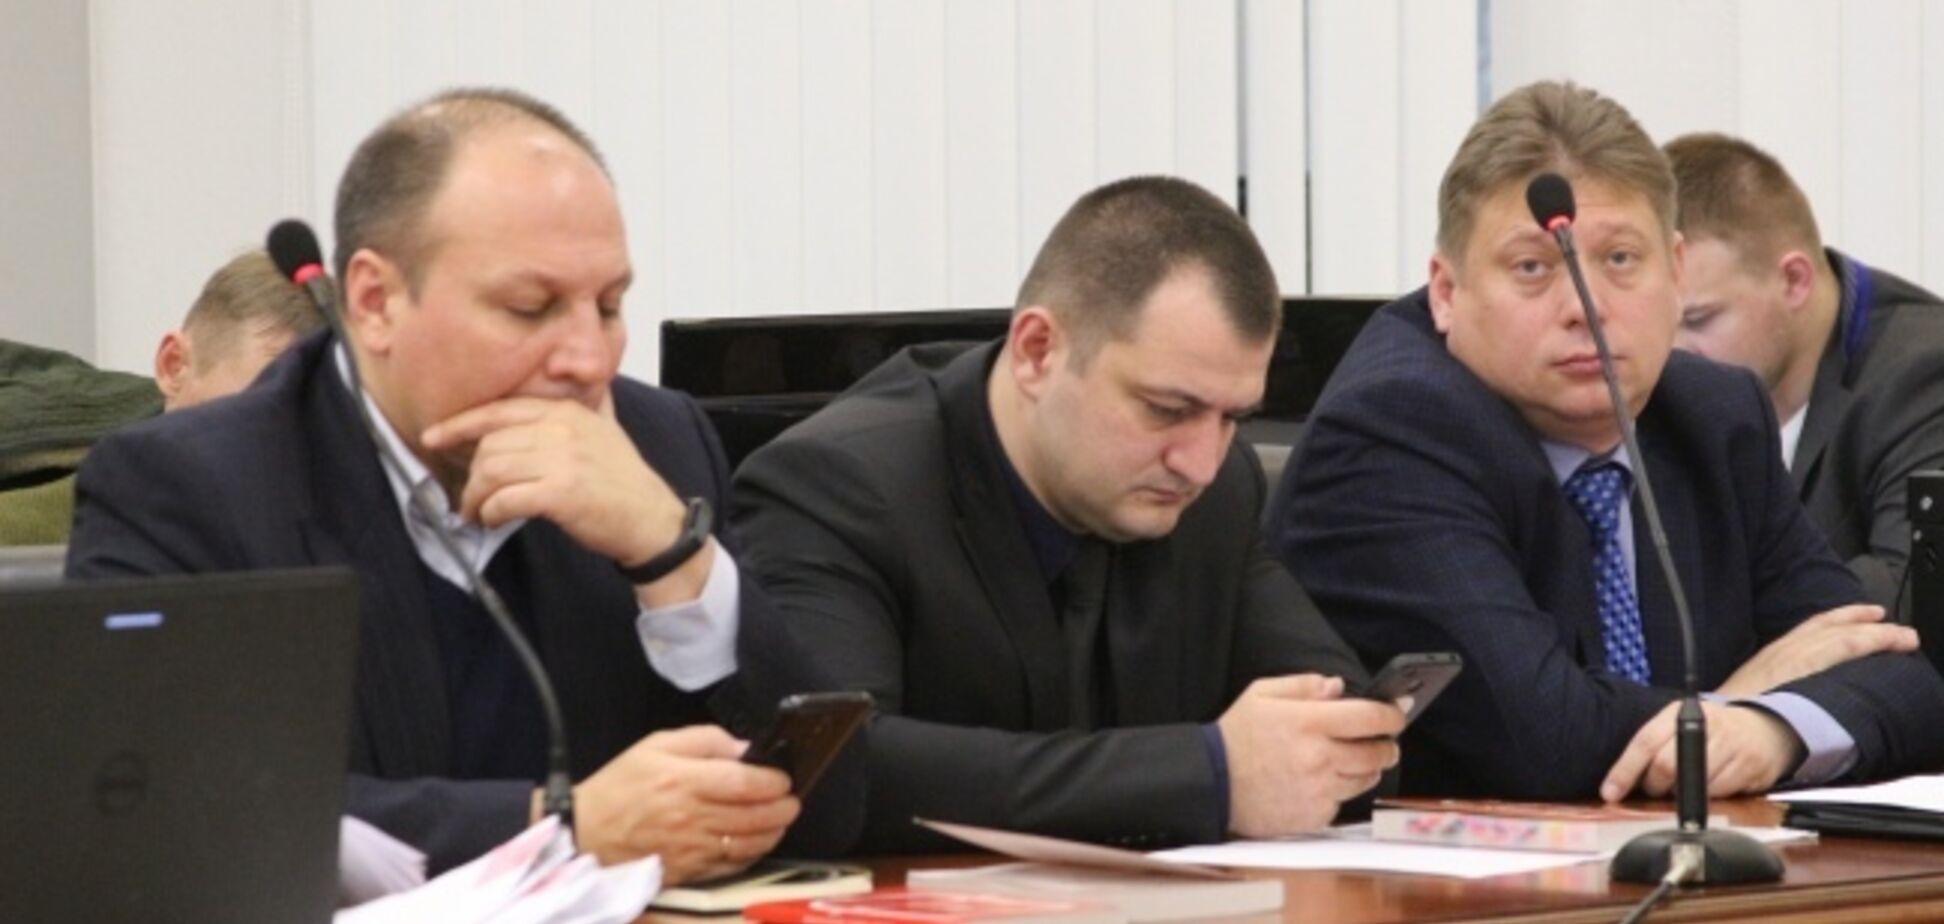 'Безобразие!' Семьи Небесной Сотни срочно обратились в ГПУ по делу экс-беркутовцев